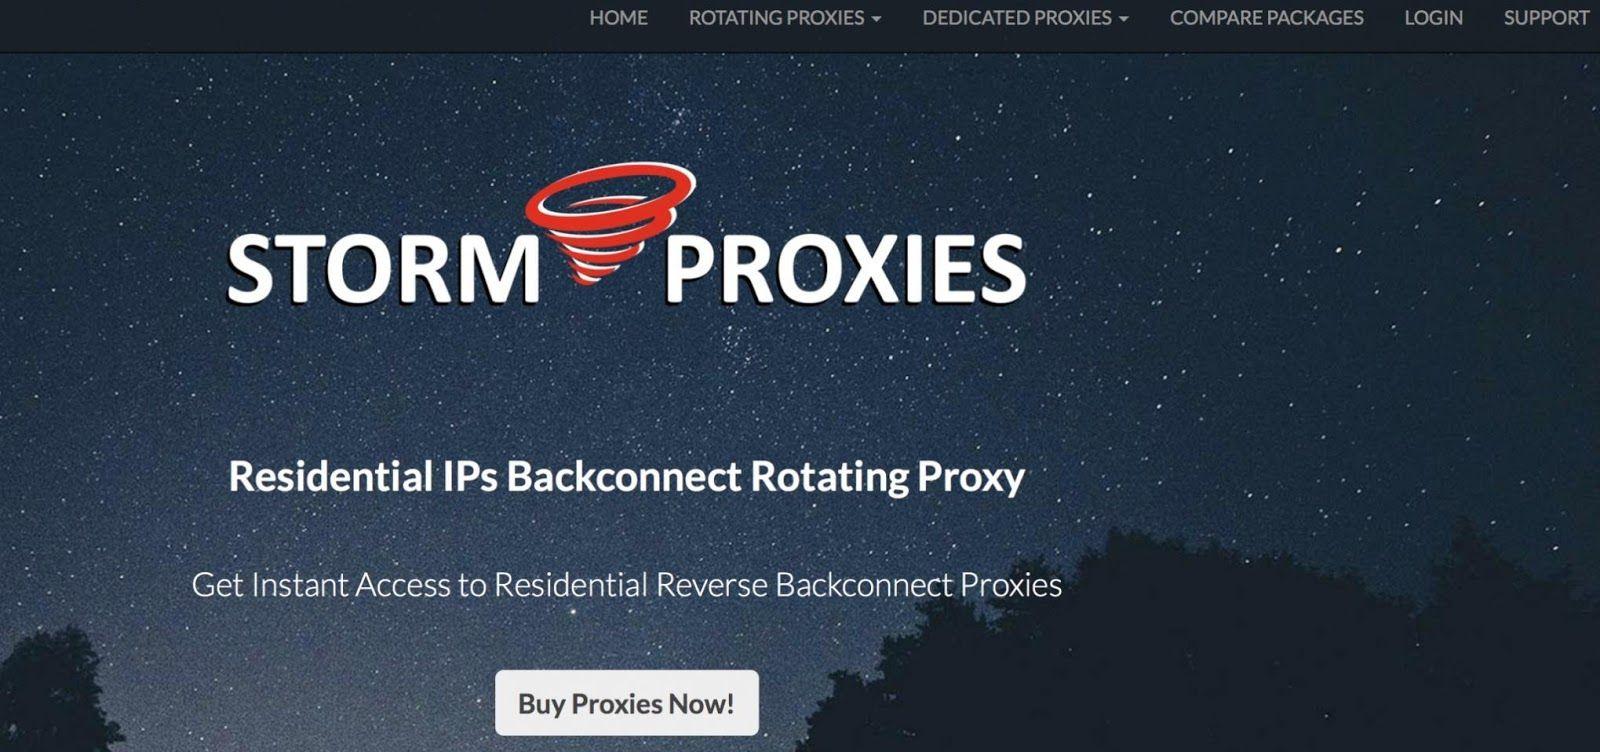 Stormproxies Website